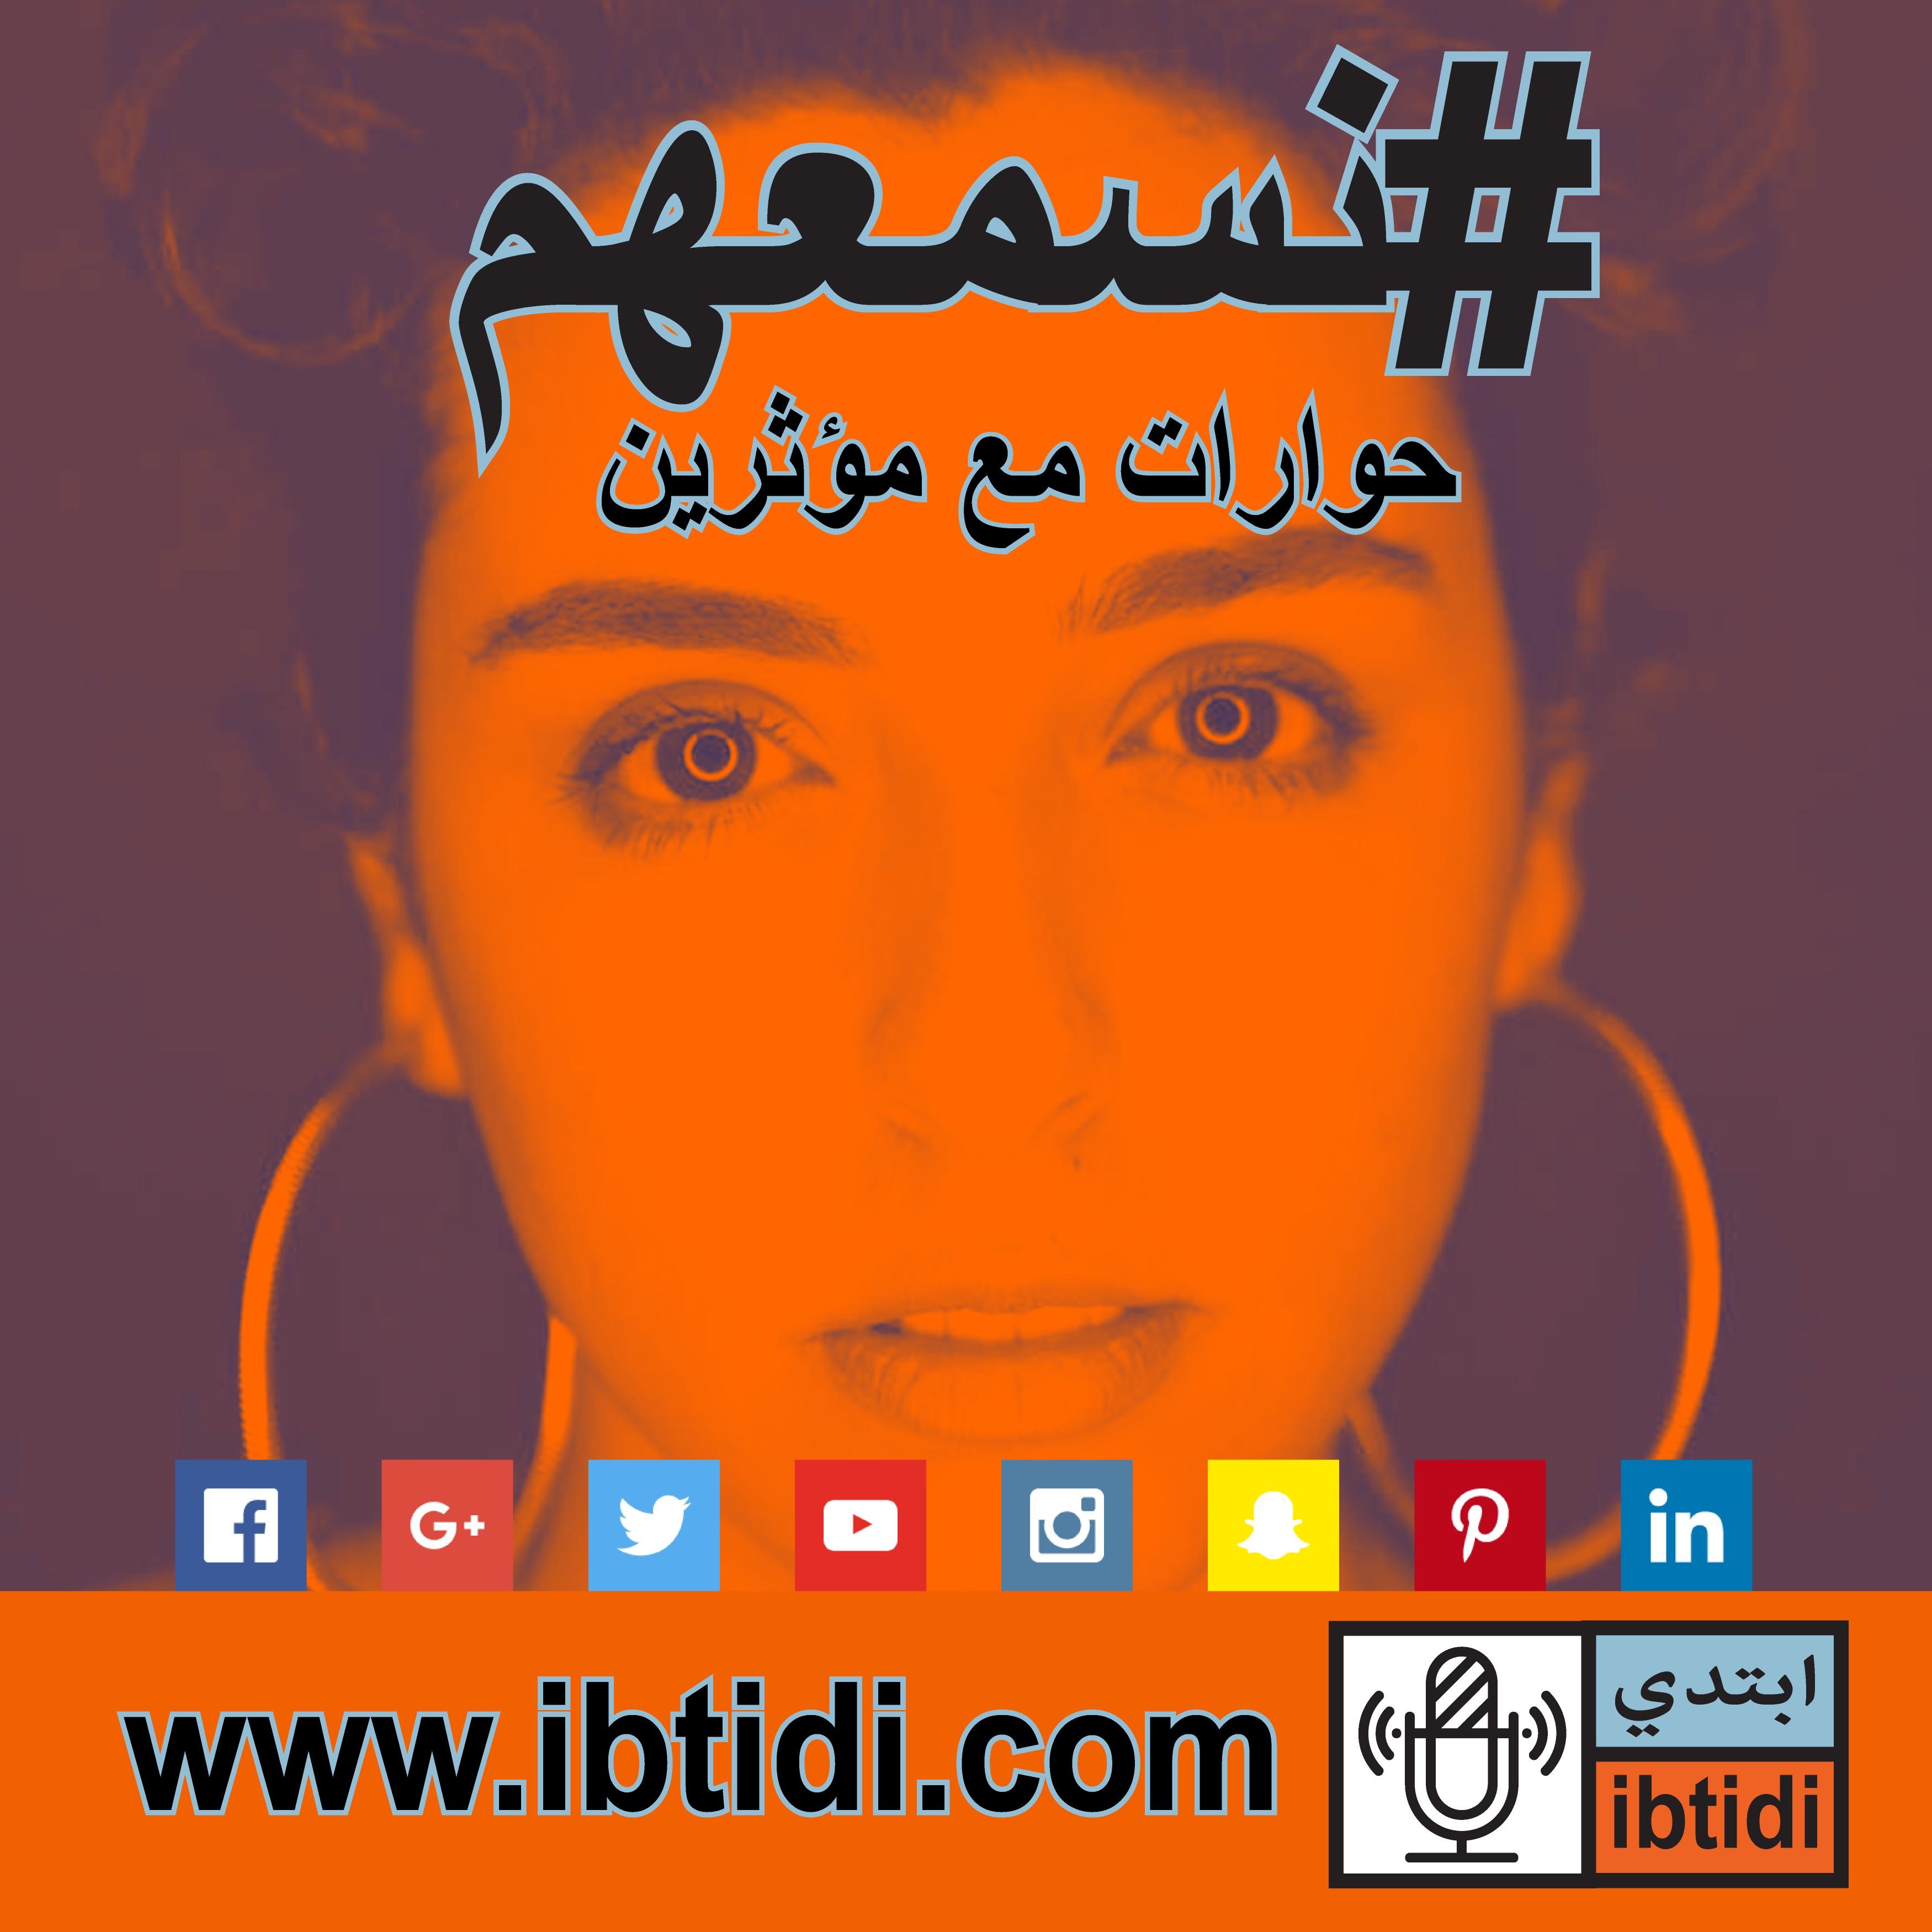 برنامج #نسمعهم - حلقة ٠١٤- سارة عبد الرحمن - ممثلة وفلوجر ومتفائلة